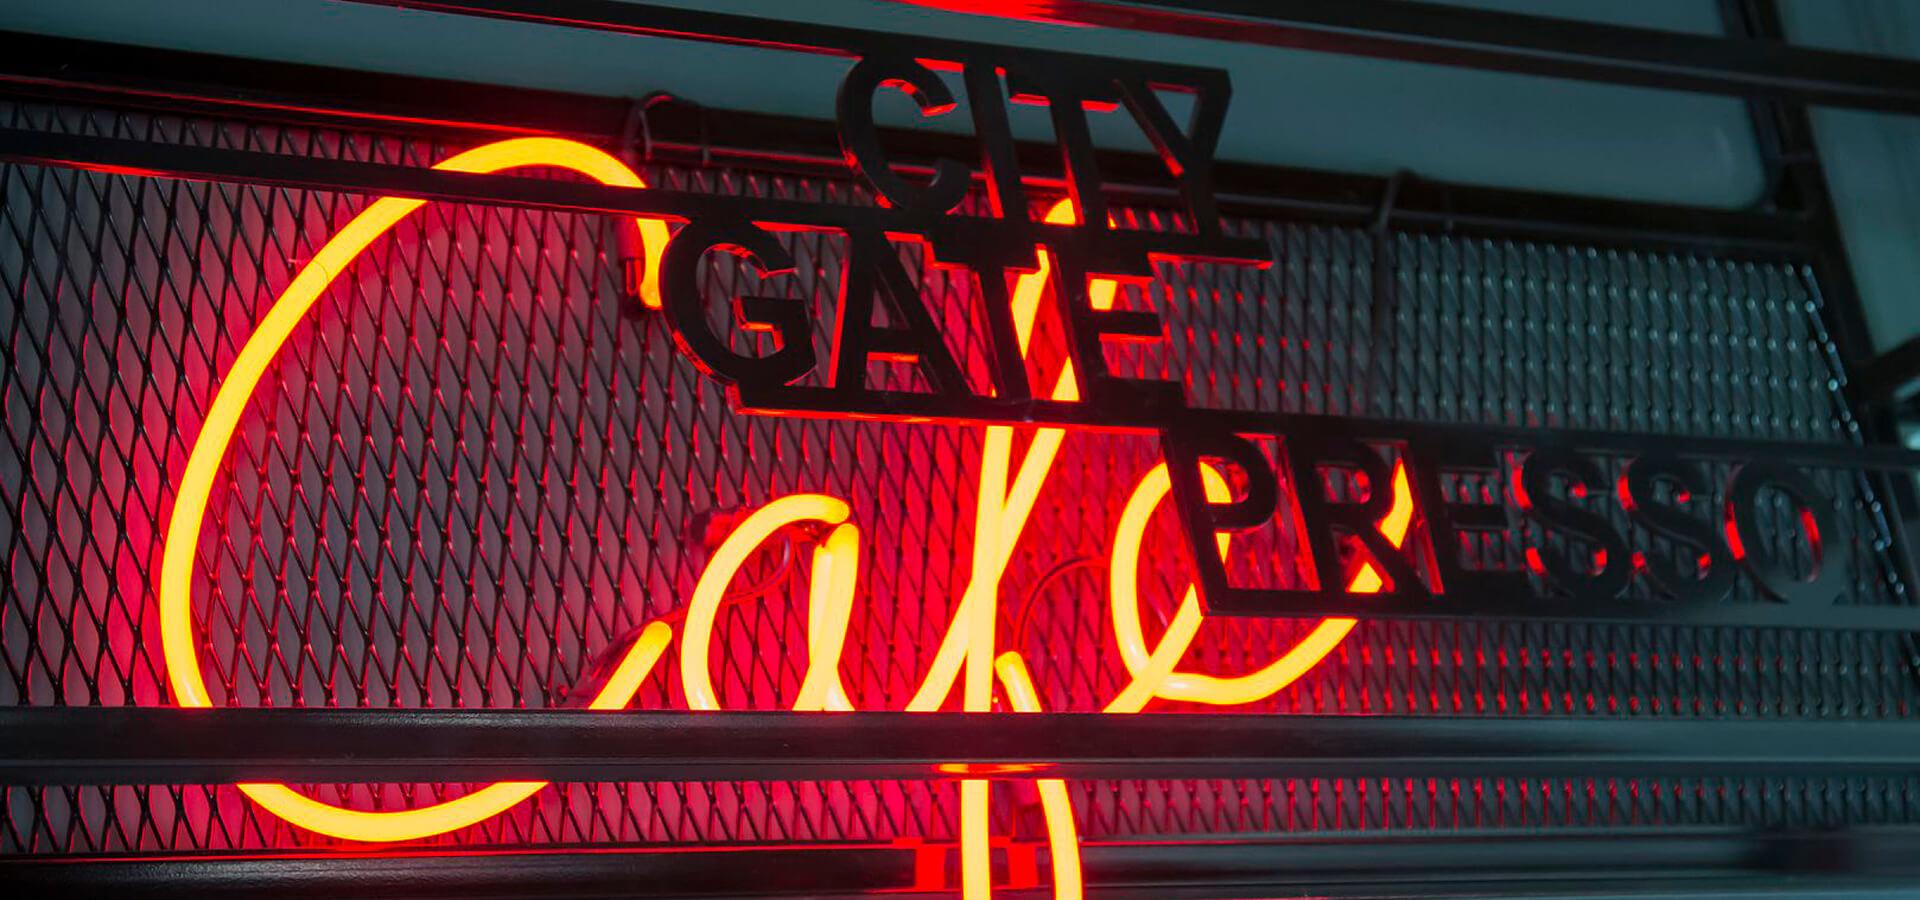 AMeCoD City Gate kávézó Budapest referenciakép 06